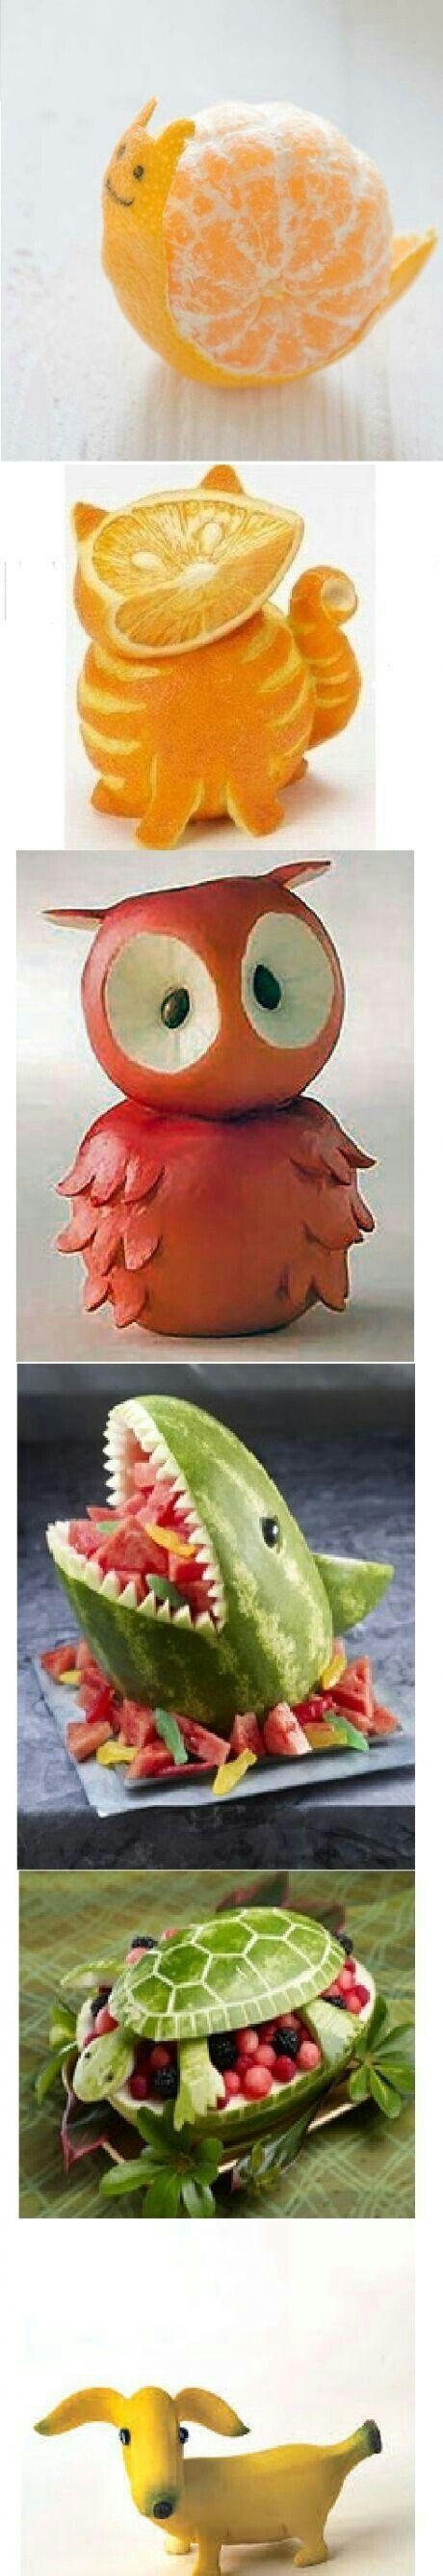 Imagina uma mesa de festa infantil com essas frutas decoradas? Lindo!